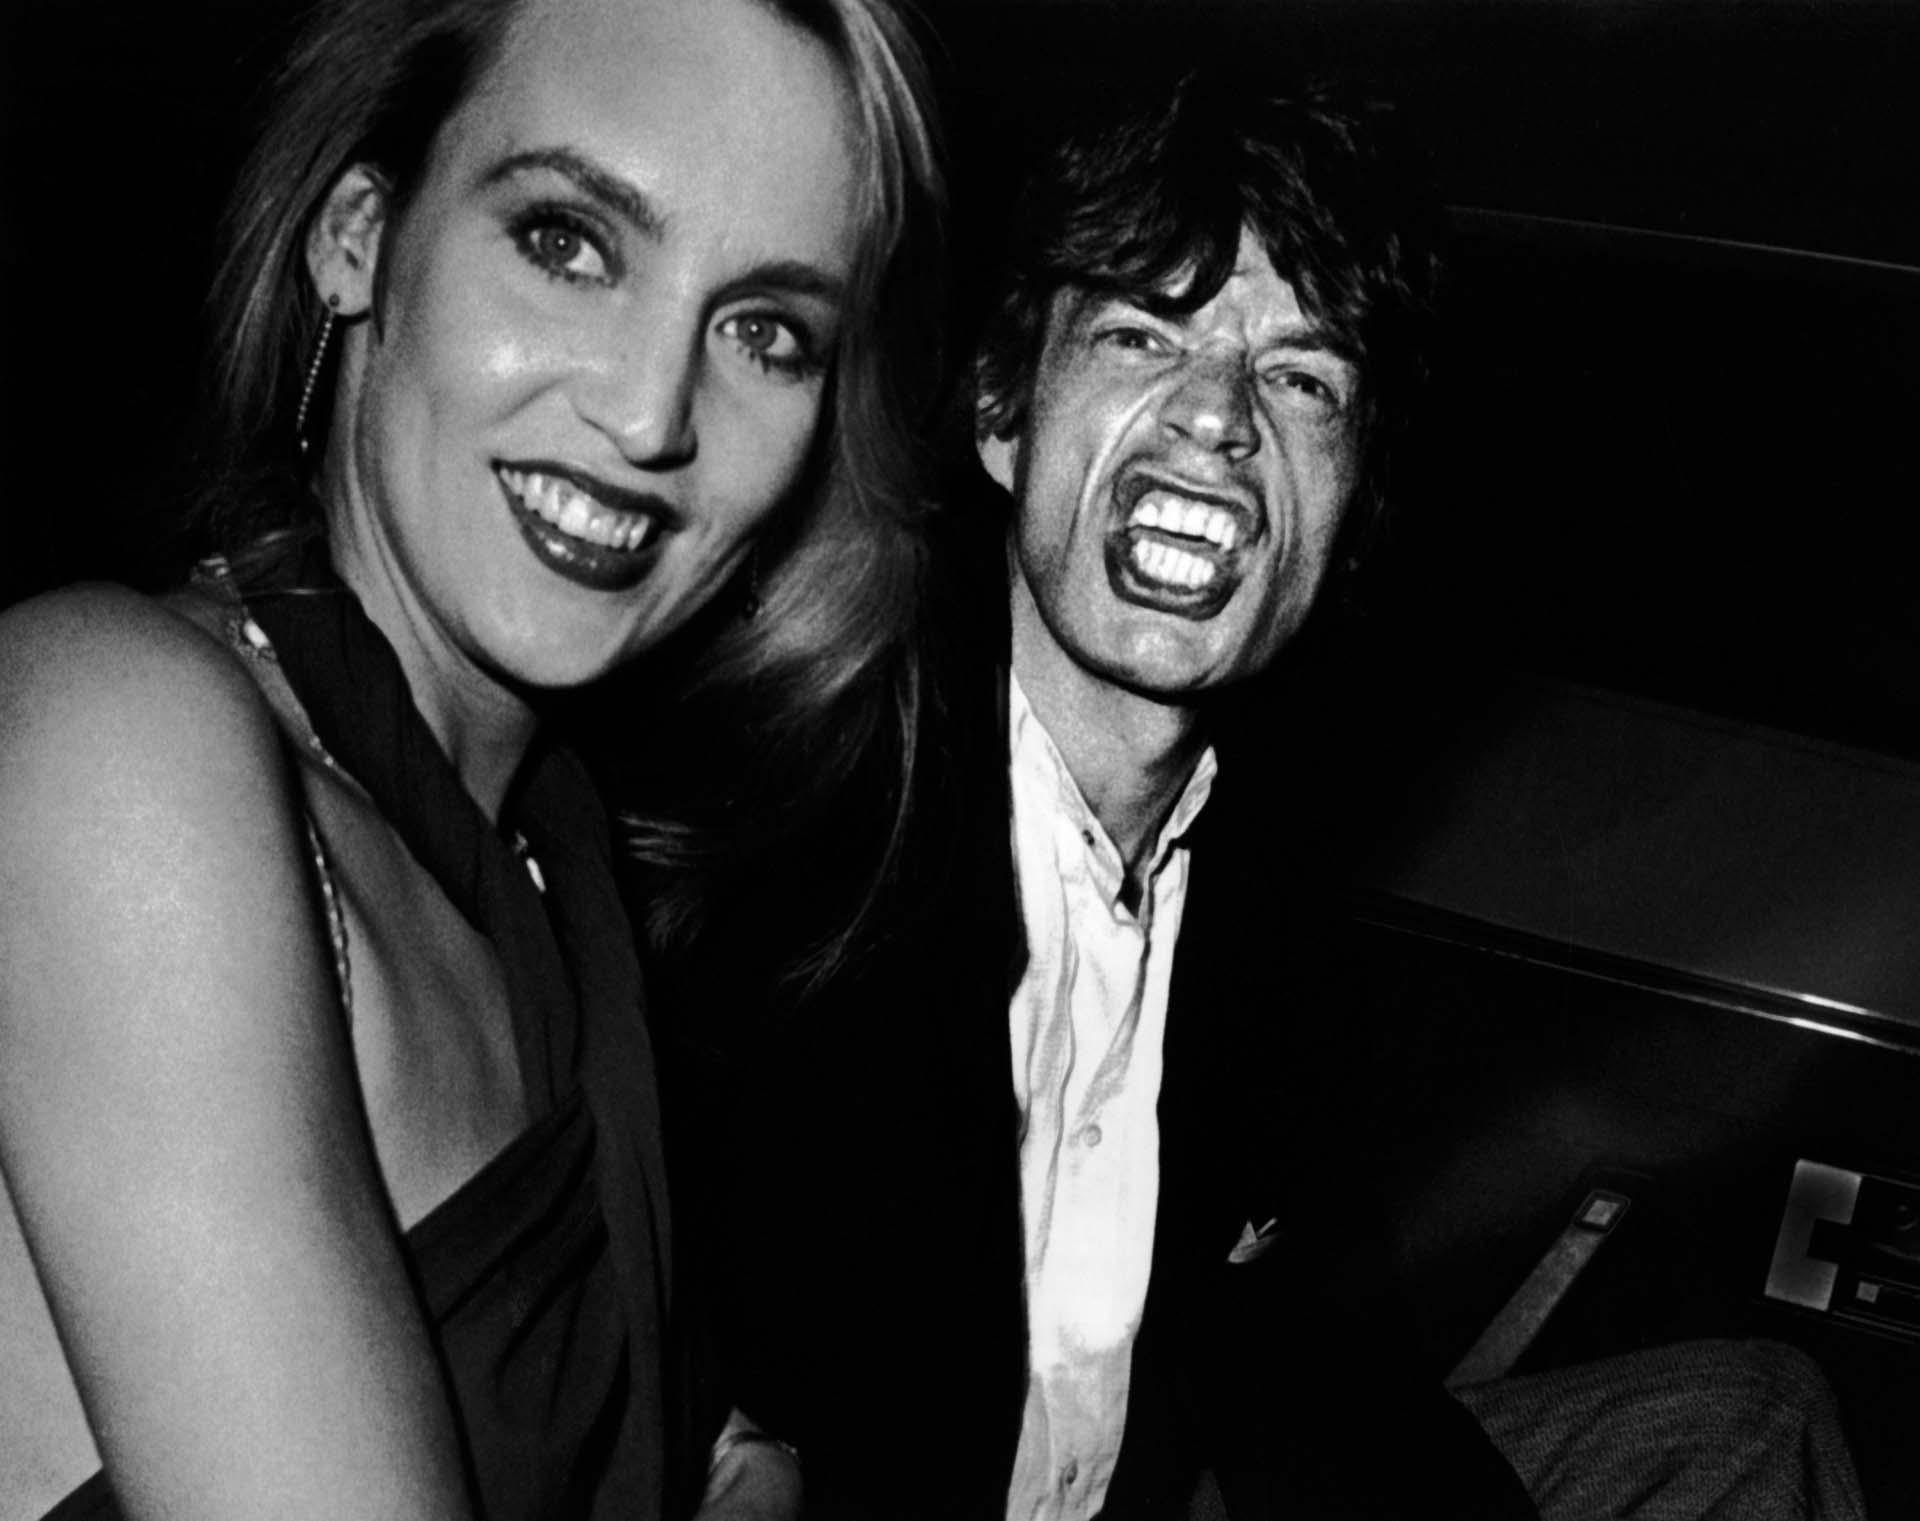 Mick Jagger y Jerry Hall asisten a la fiesta de Reid Rogers el 19 de septiembre de 1984 en Limelight en la ciudad de Nueva York.